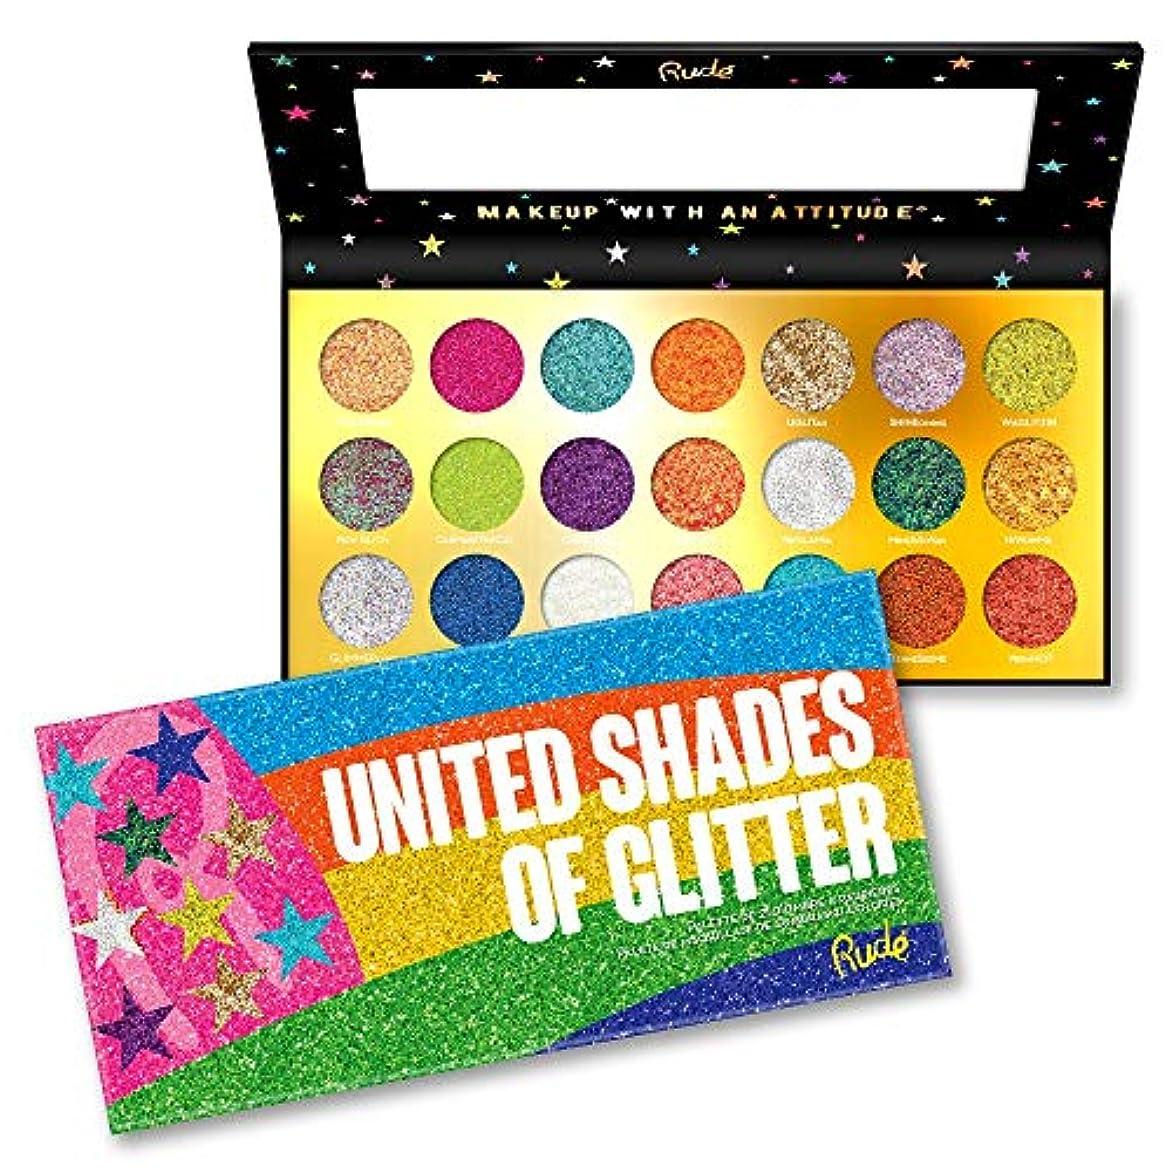 連続した嫌がらせ記念日RUDE? United Shades of Glitter - 21 Pressed Glitter Palette (並行輸入品)